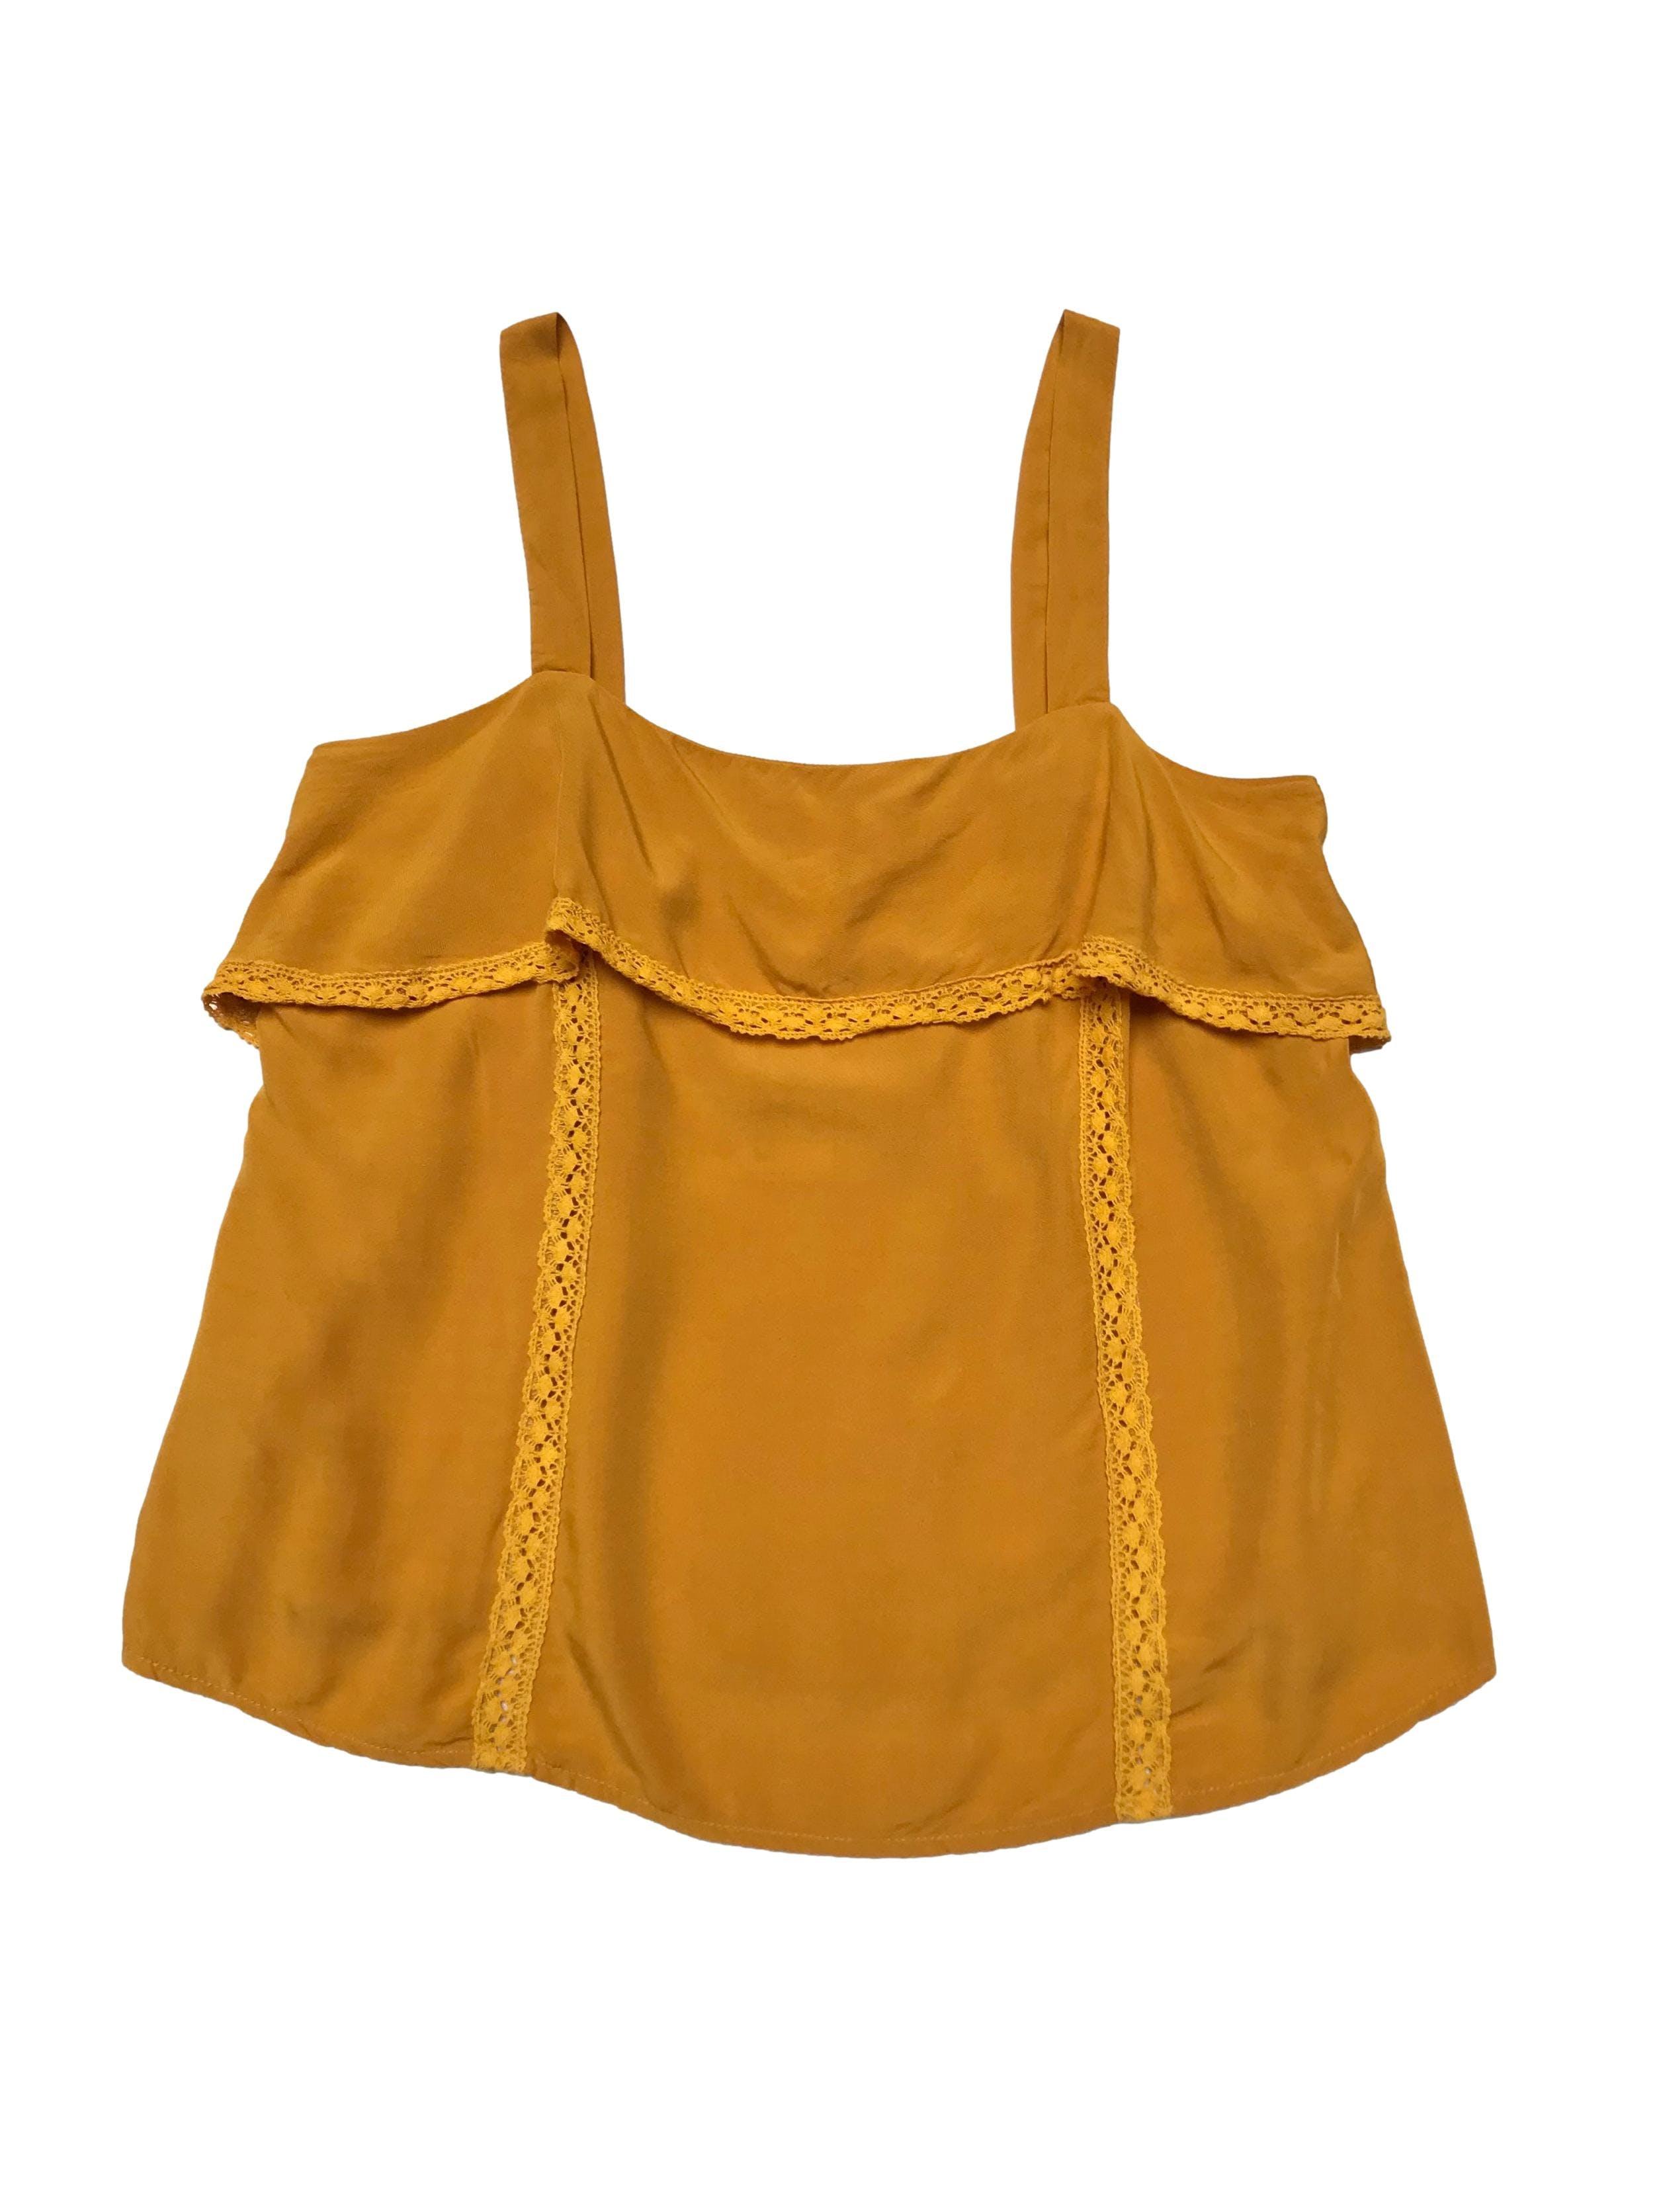 Blusa Leonisa de tela tipo chalis, de tirantes, con volante y elástico en la espalda para adaptar al cuerpo, tiene aplicaciones de guipur. Largo desde sisa 38cm